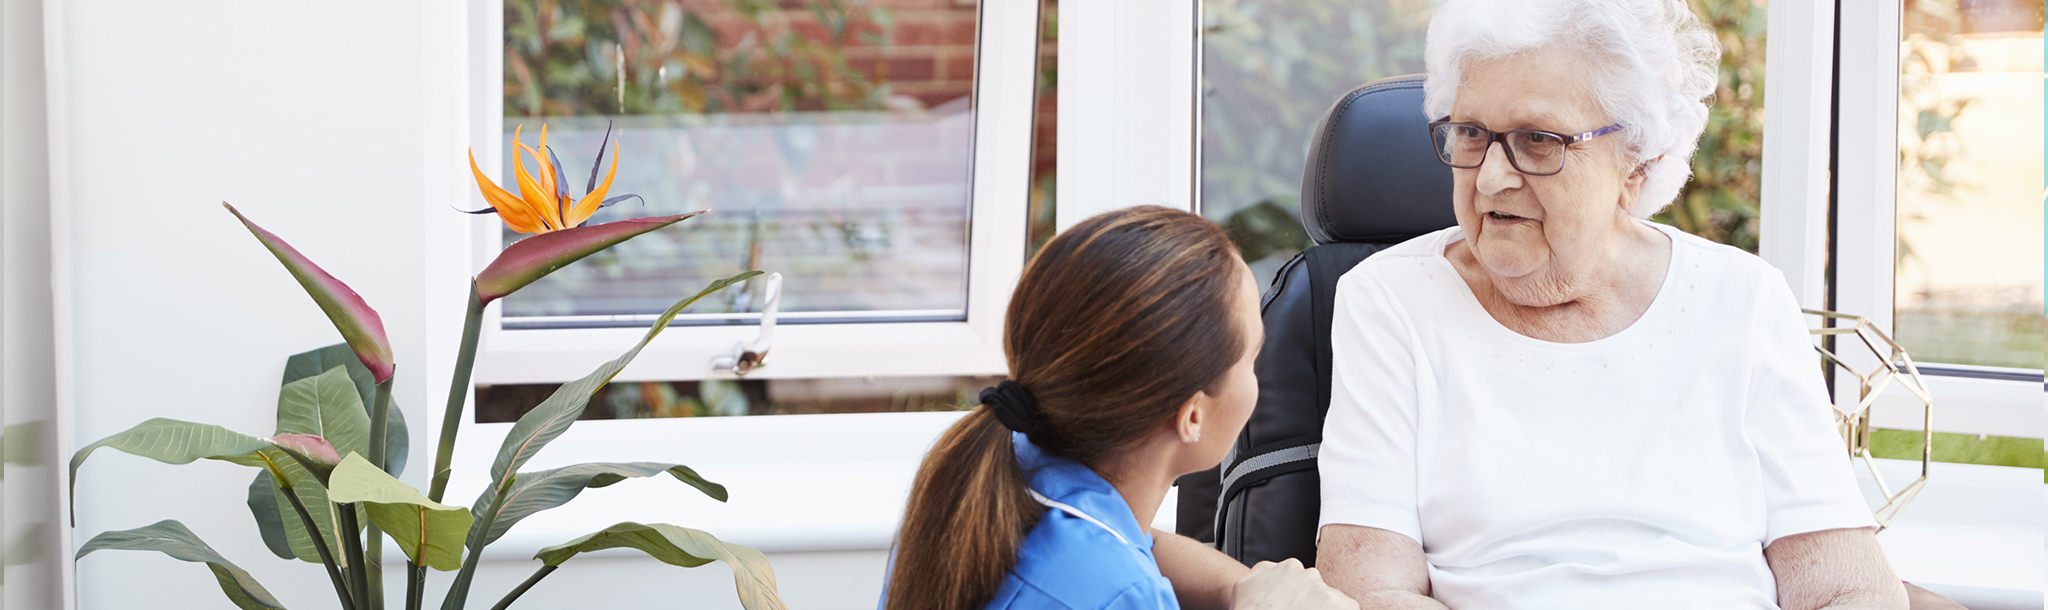 Über uns Ambulanter Pflegedienst Tittling - Ihr ambulanter Pflegedienst für Tittling und Umgebung